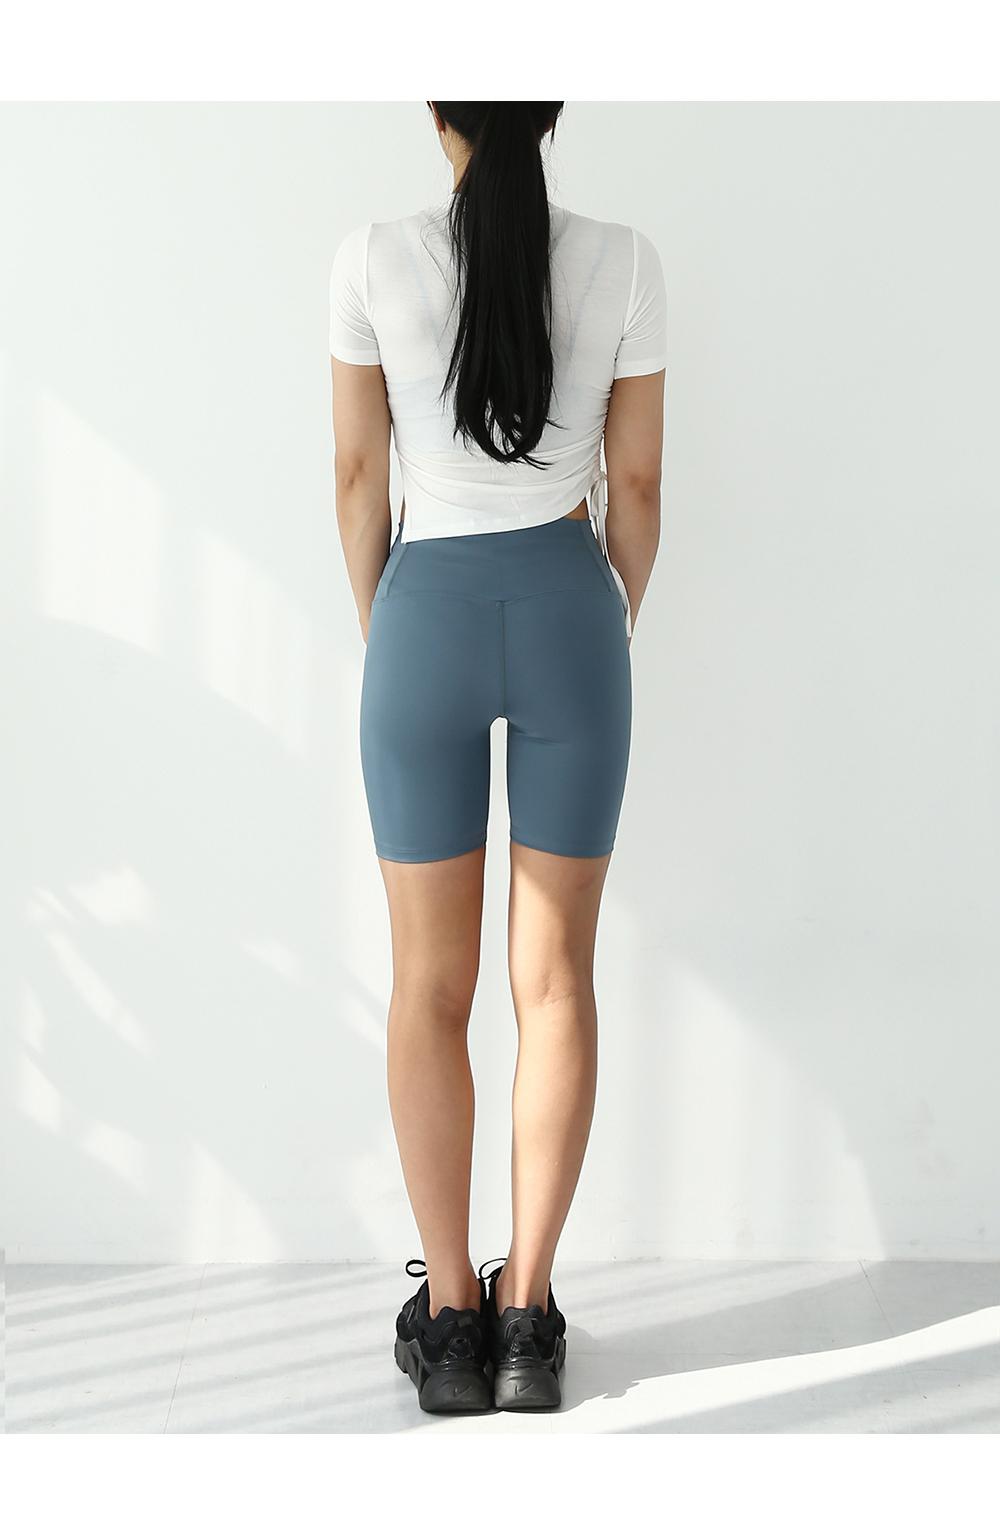 短褲模特穿用形象 - S1L12